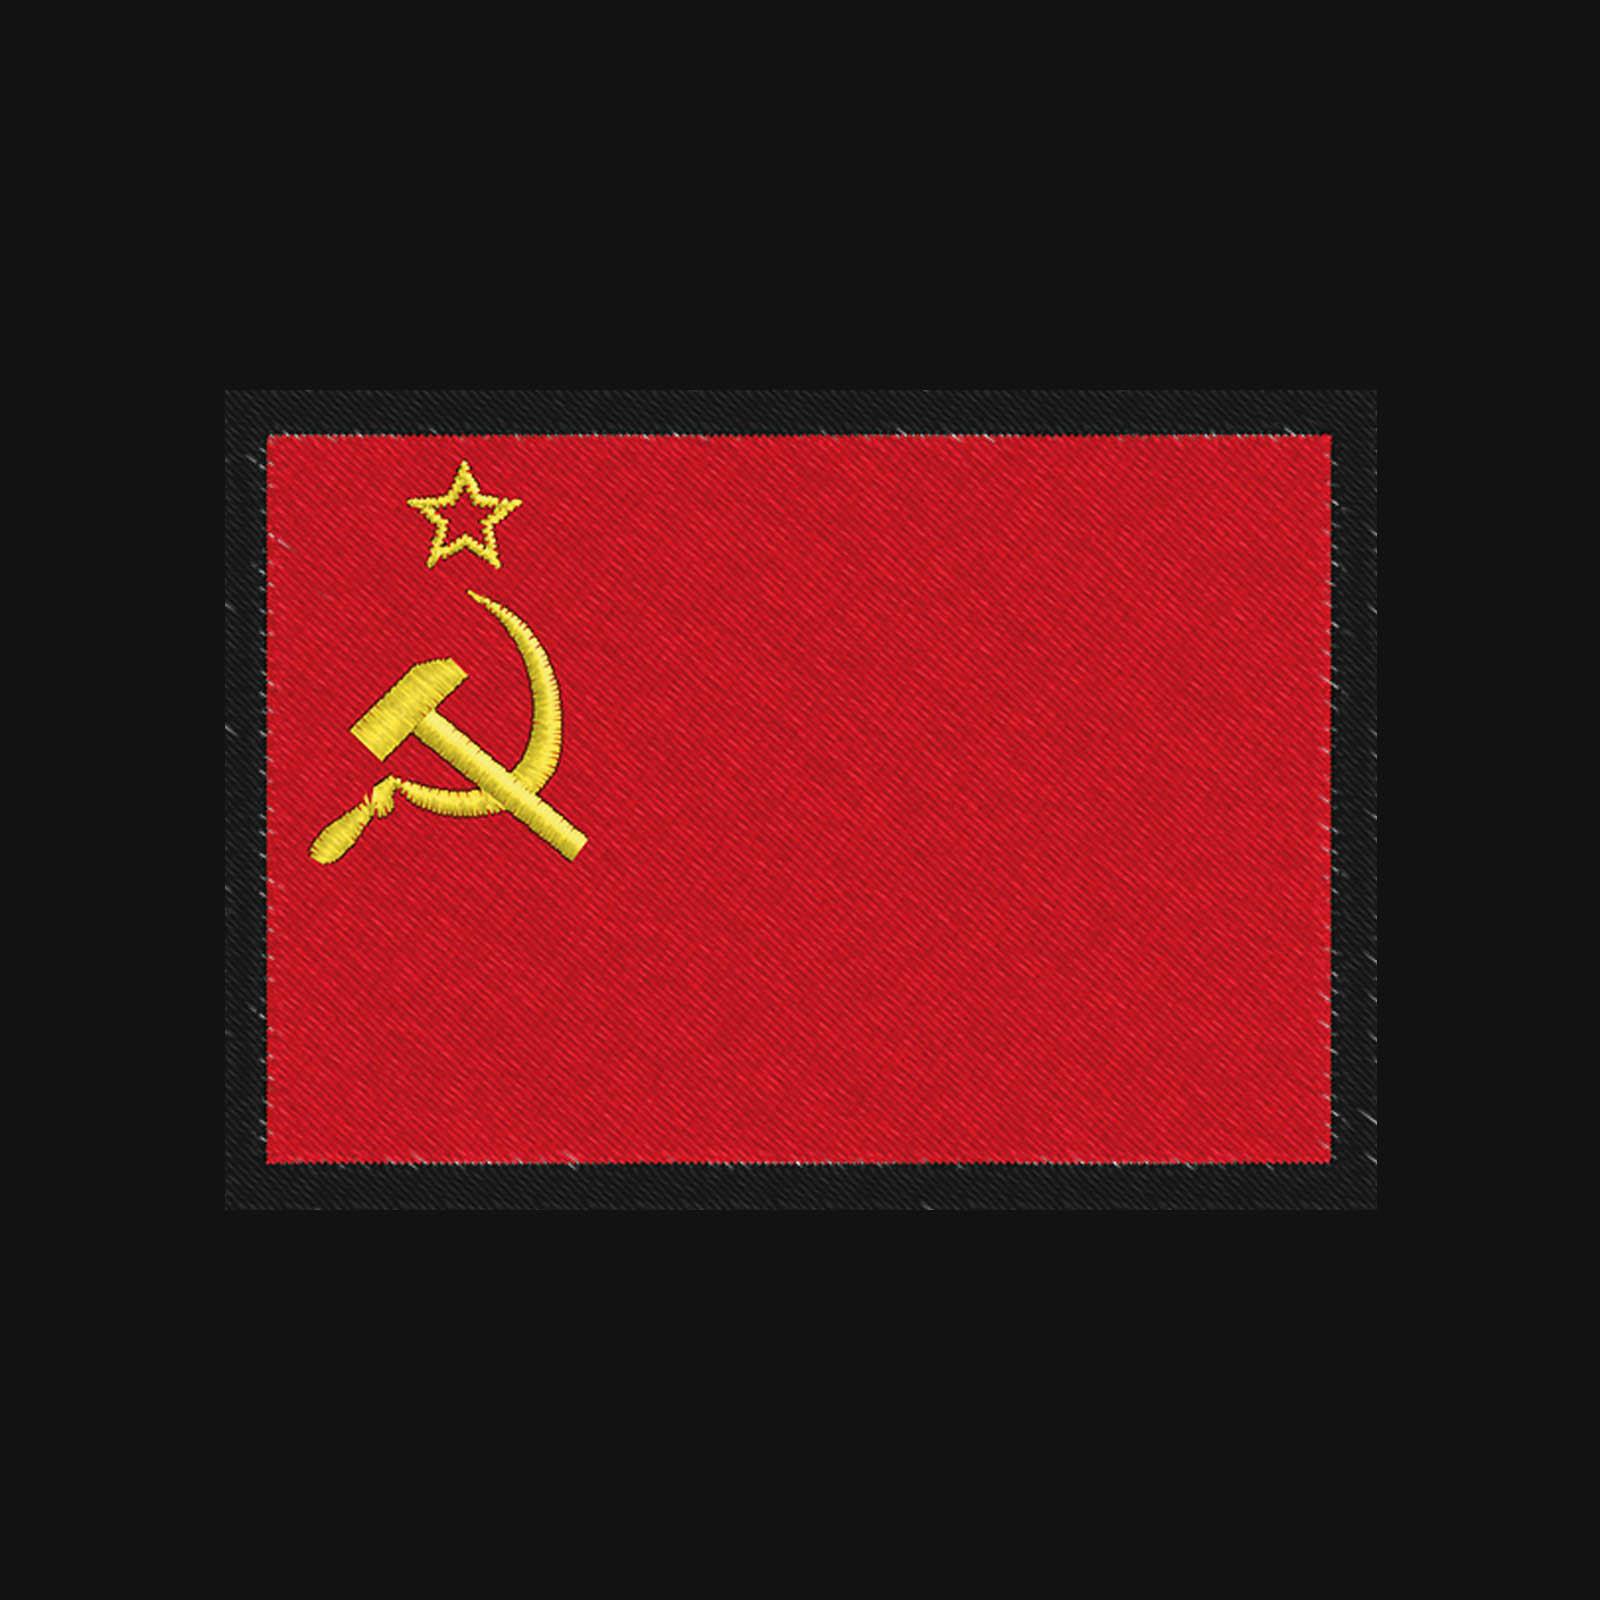 Стильная элегантная футболка с вышитым флагом СССР